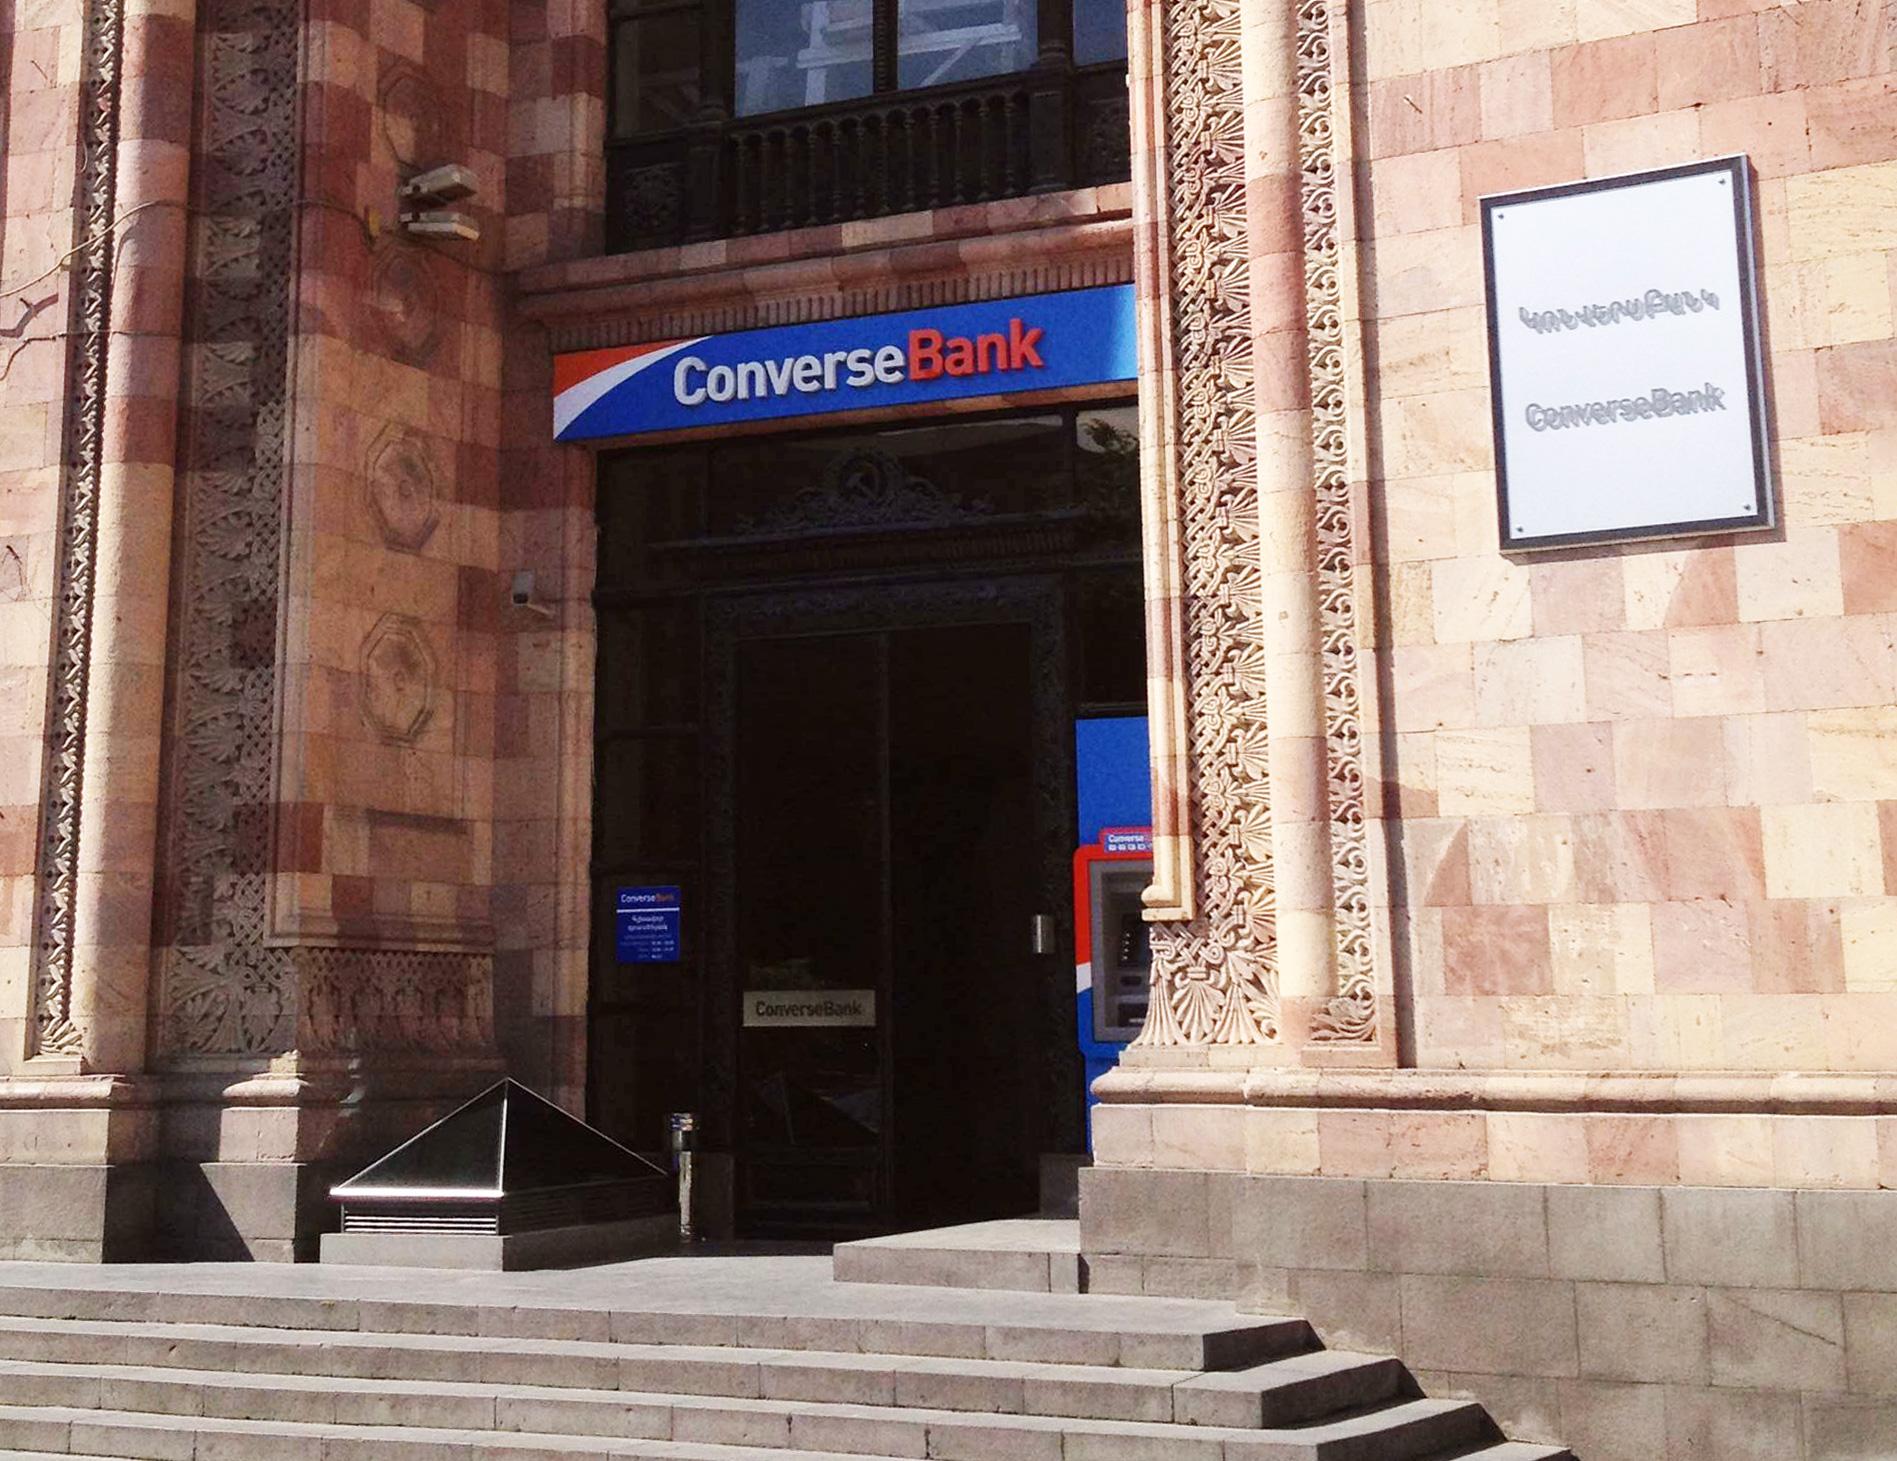 Բանկերի և ֆինանսական կազմակերպությունների մրցույթում հաղթել է Կոնվերս Բանկը